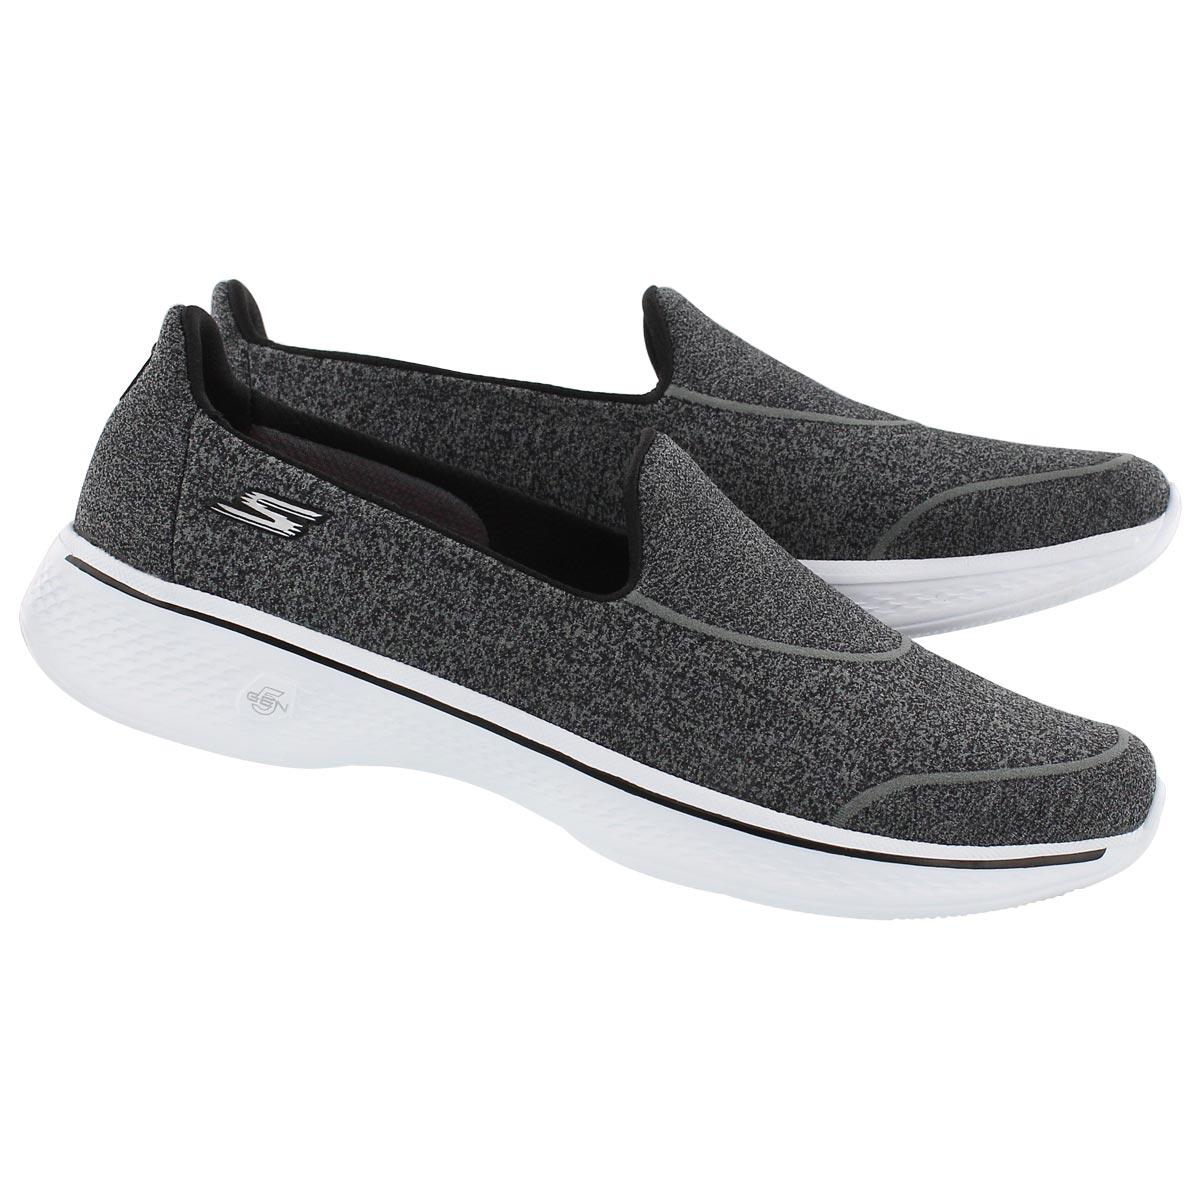 Lds GOWalk4 SuperSock bk/wt slip on shoe